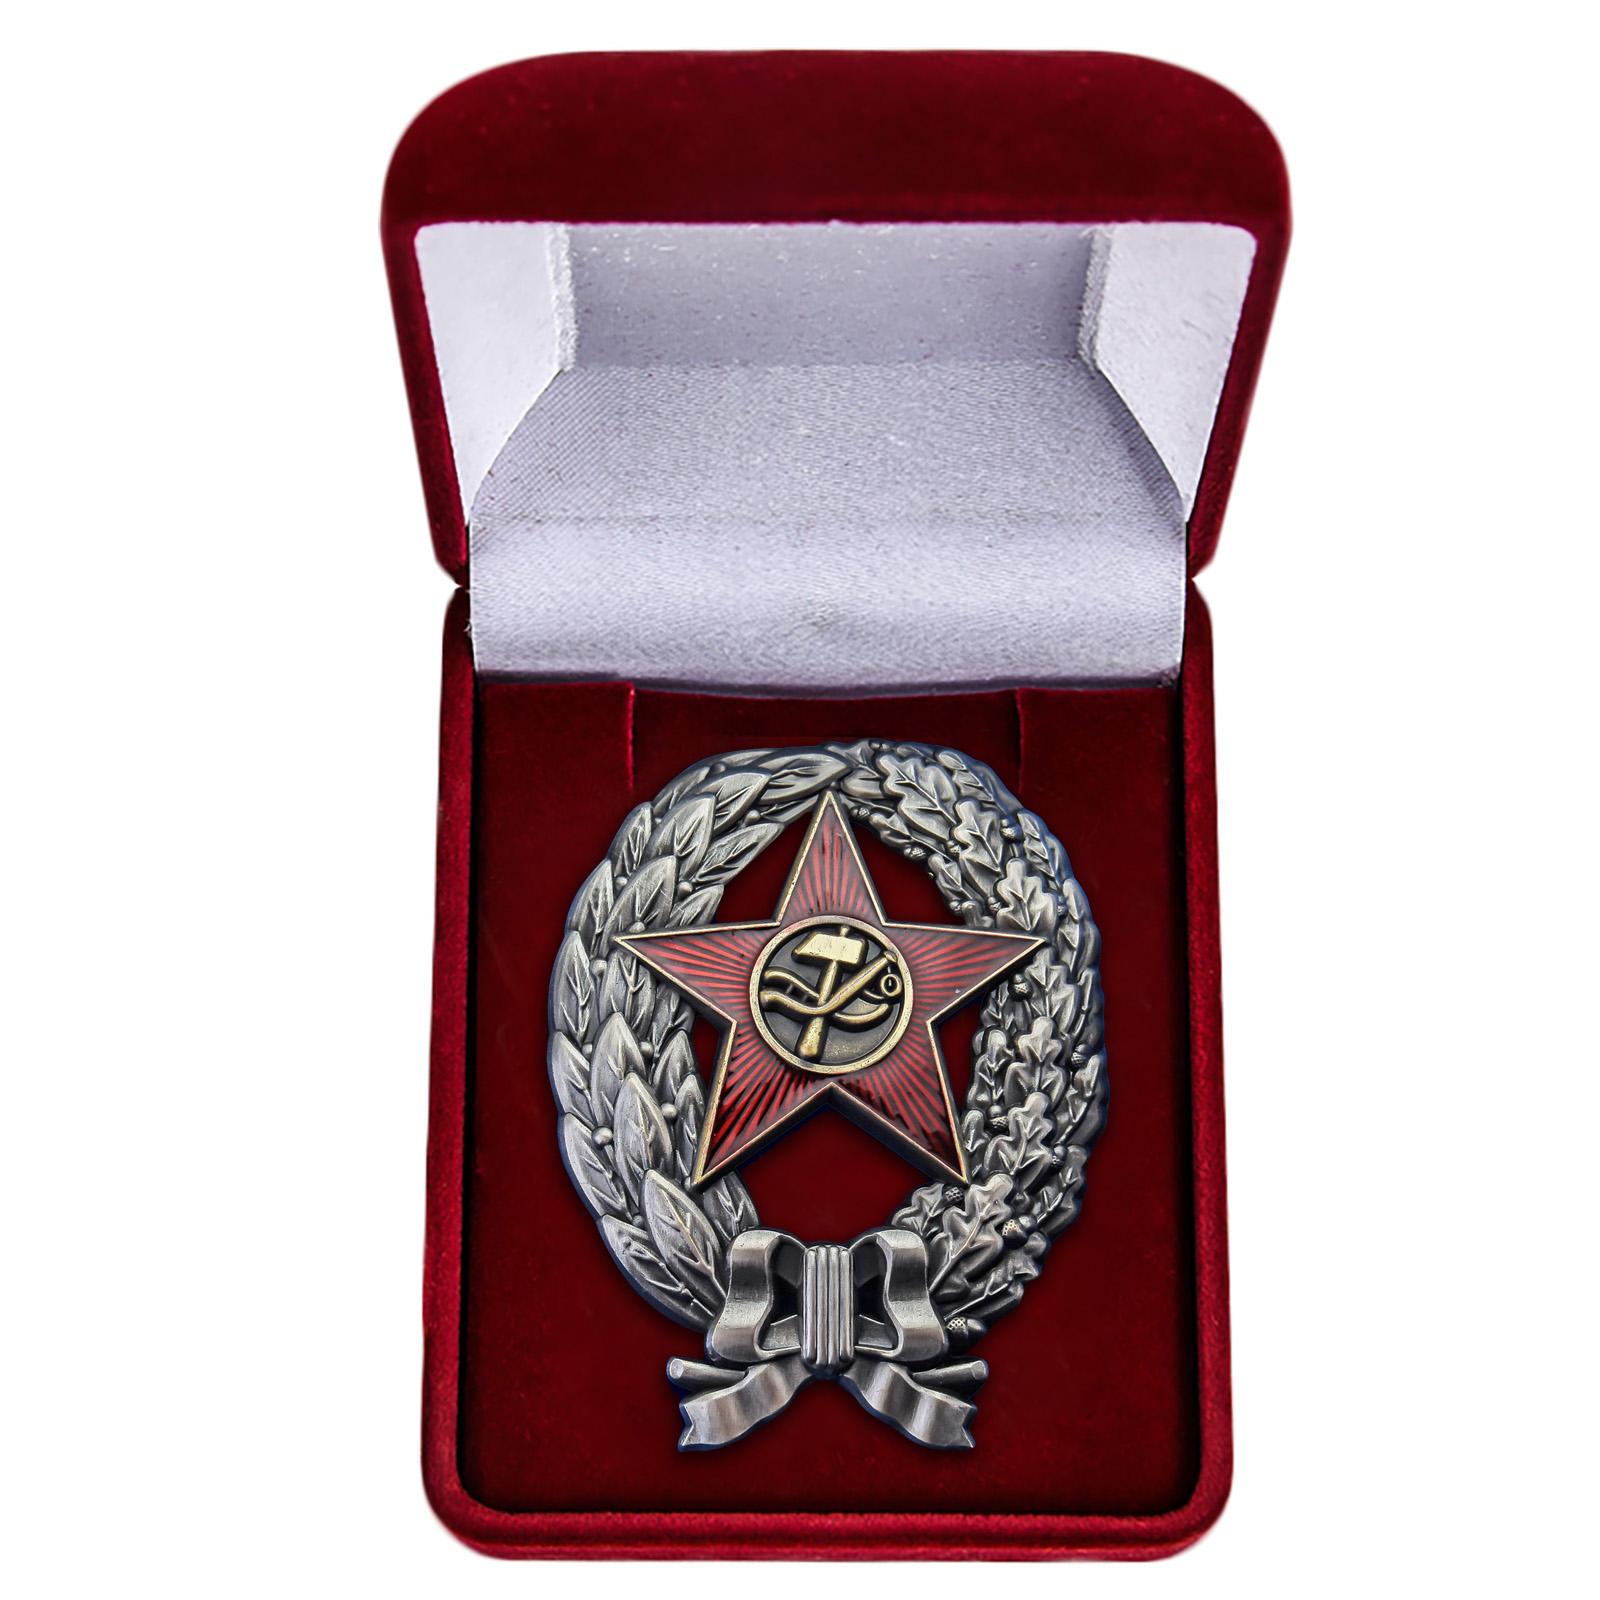 Латунный знак Красный командир РККА 1918 год